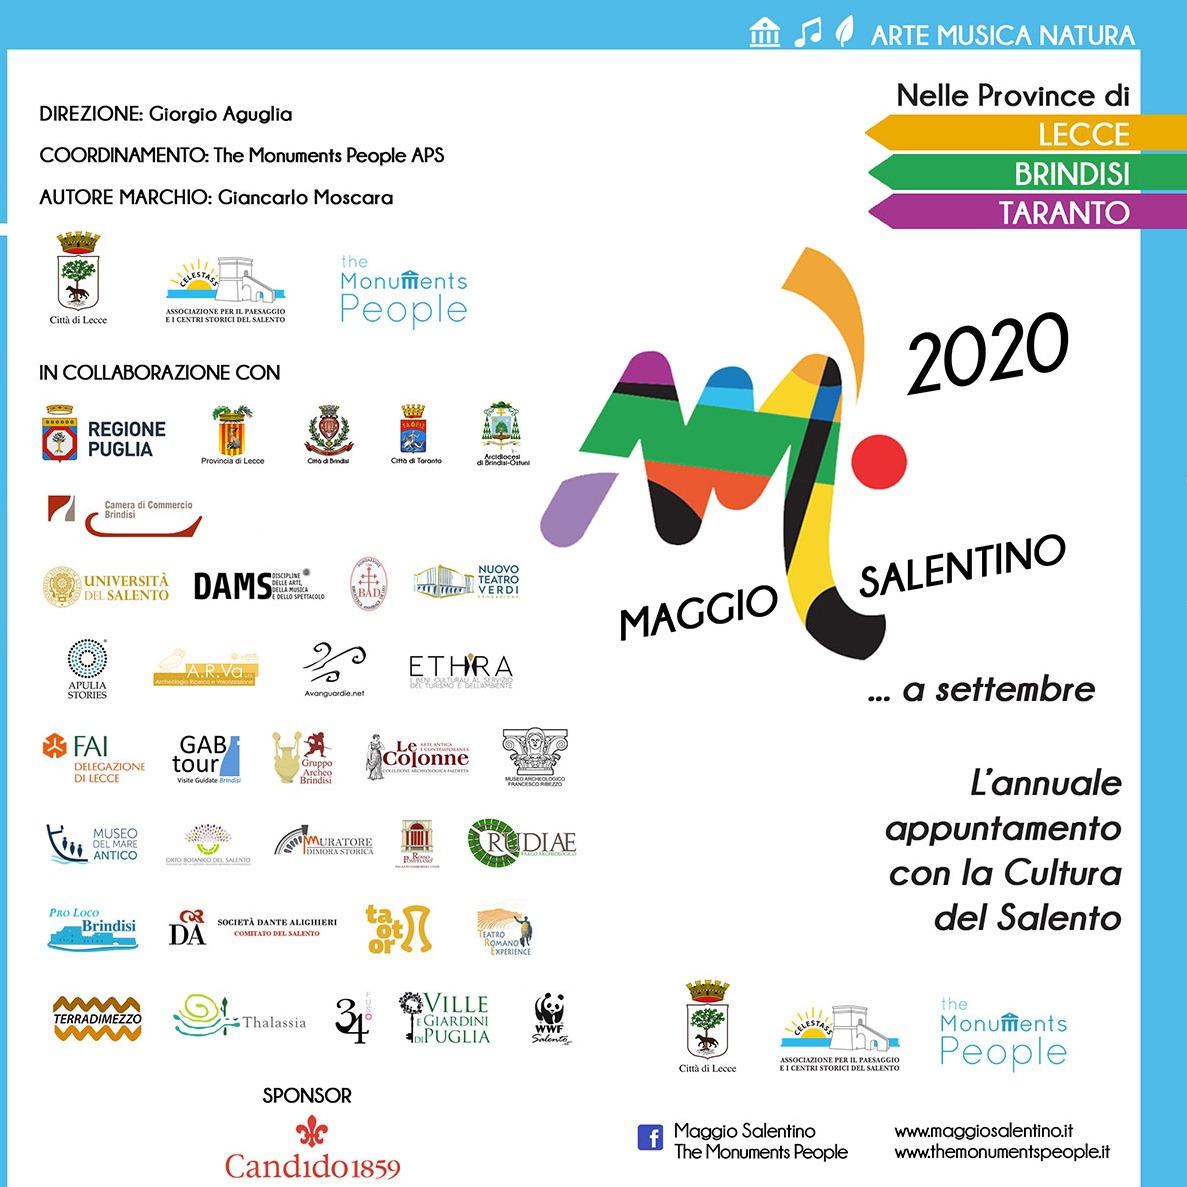 MAGGIO SALENTINO edizione 2020 … a Settembre